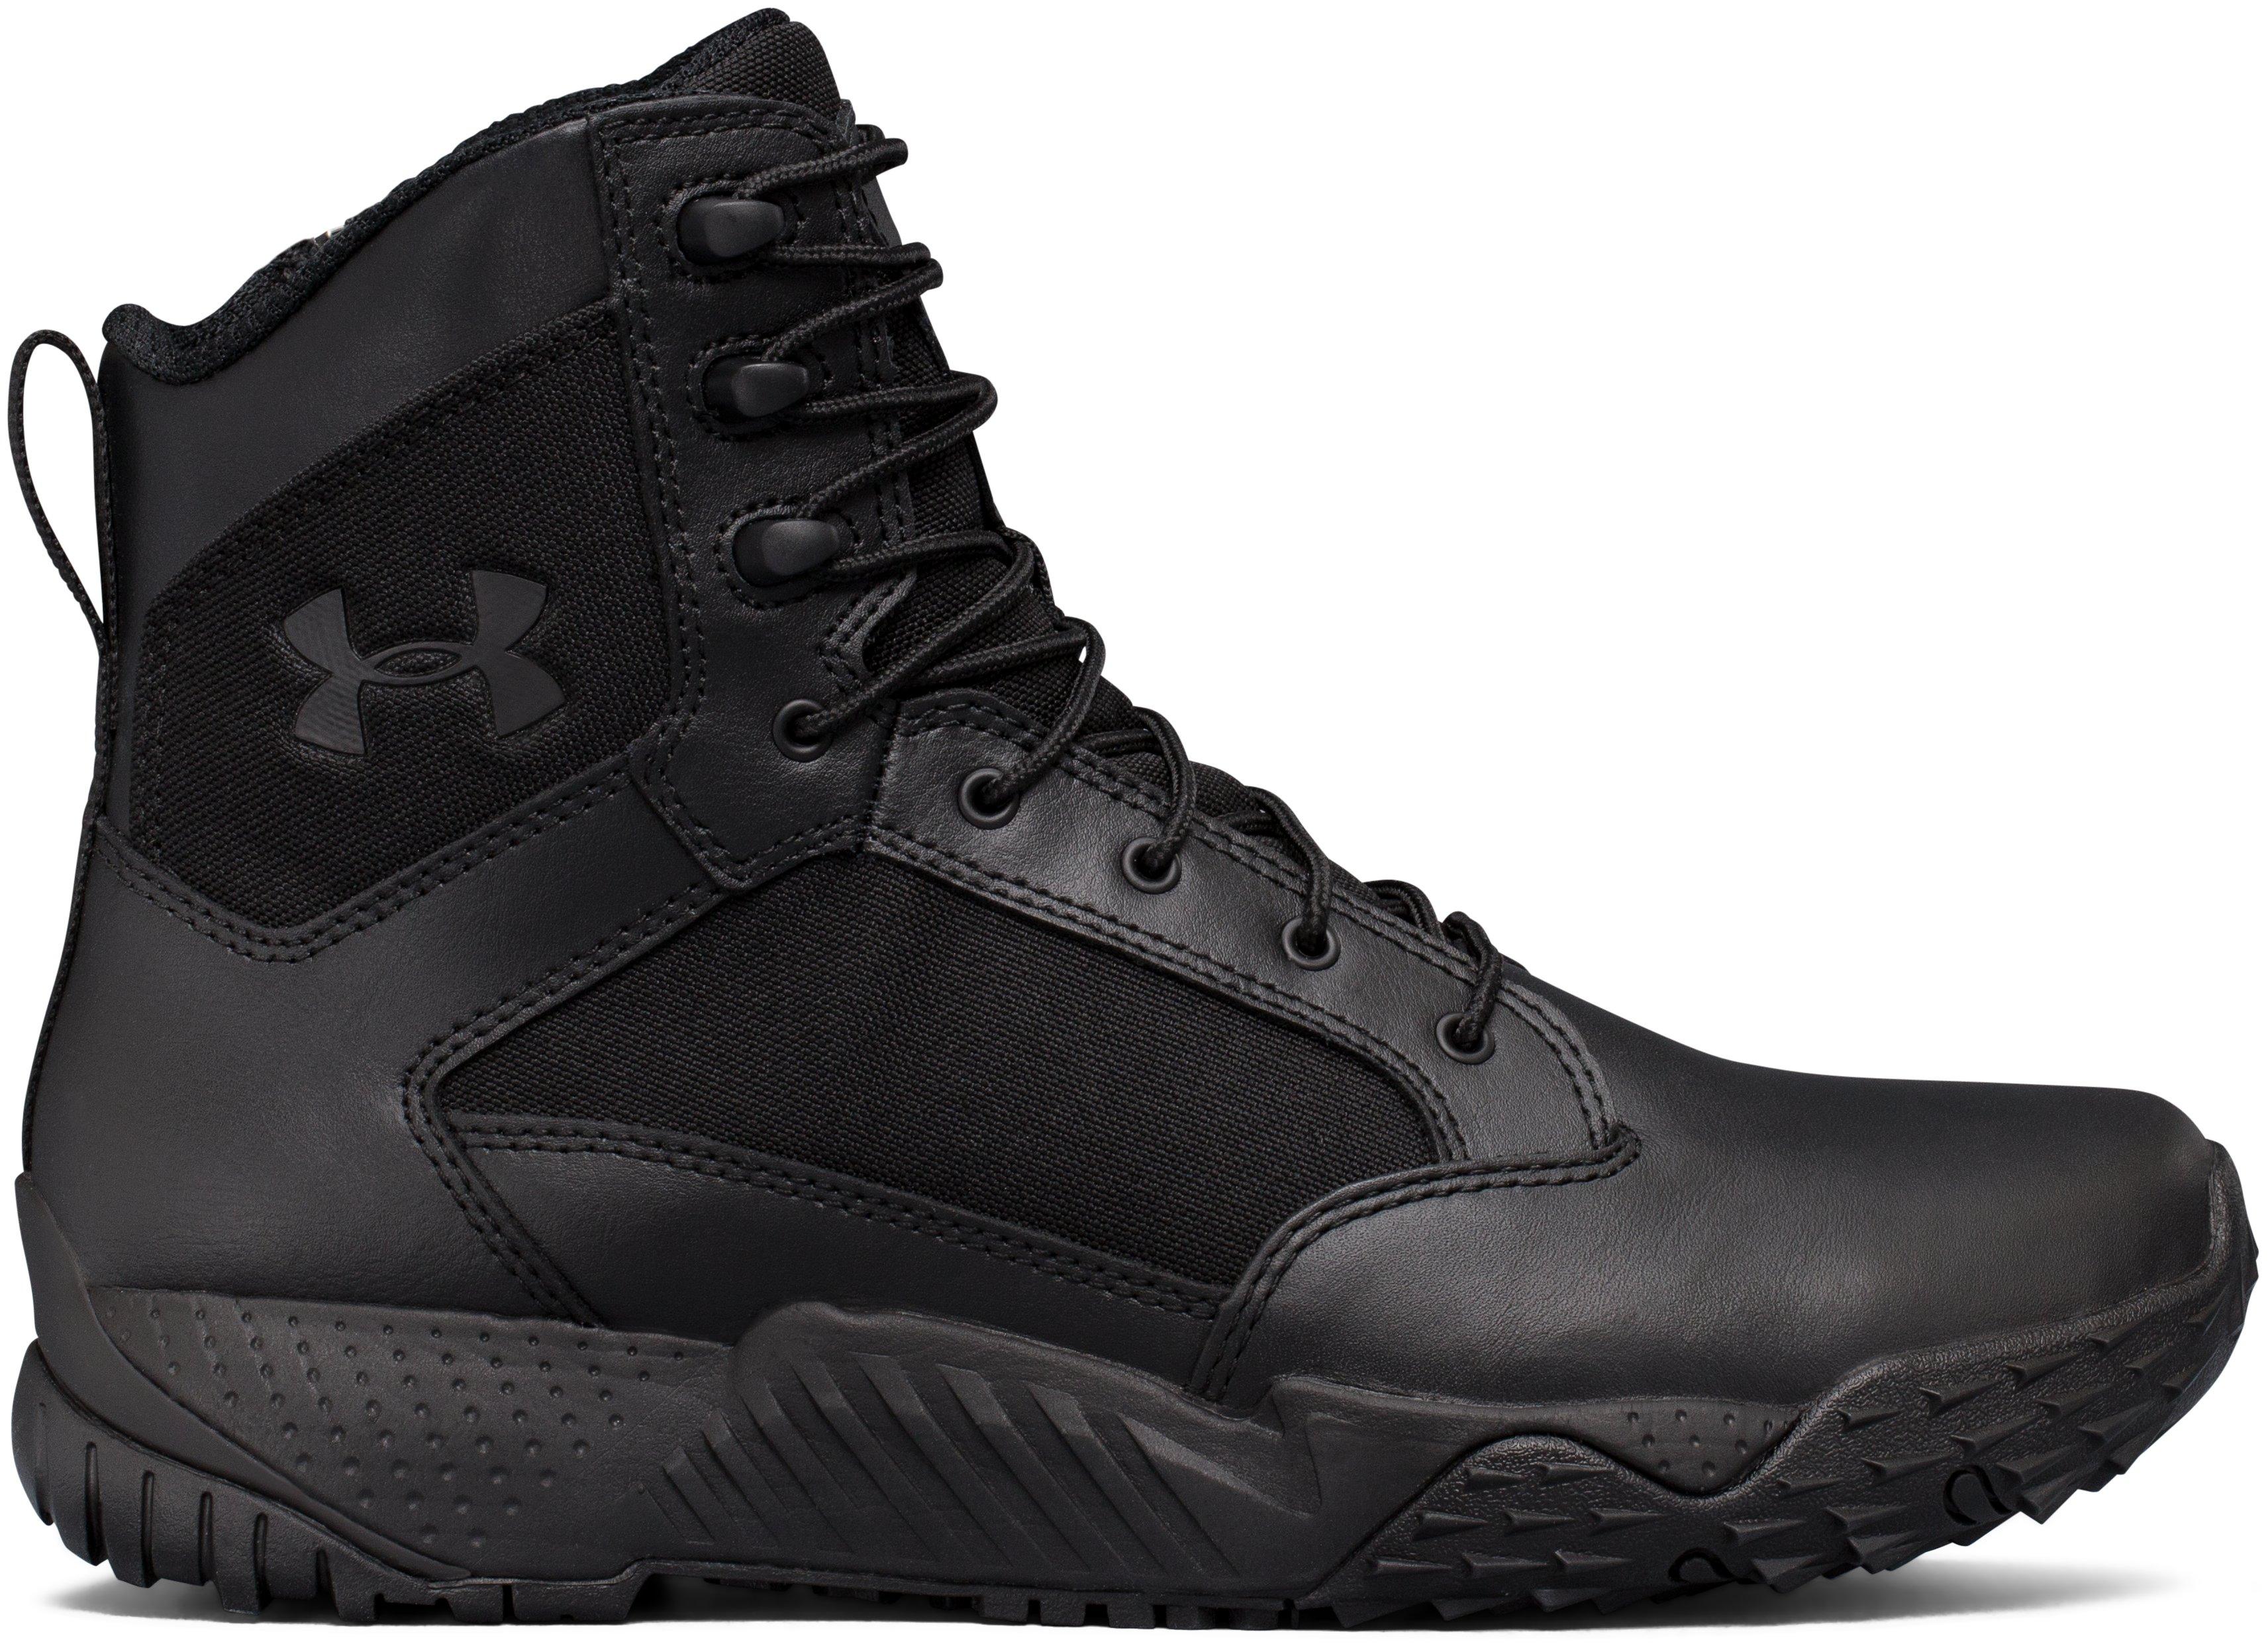 Sepatu Boot UA Stellar Tactical Side-Zip untuk Pria, 360 degree view